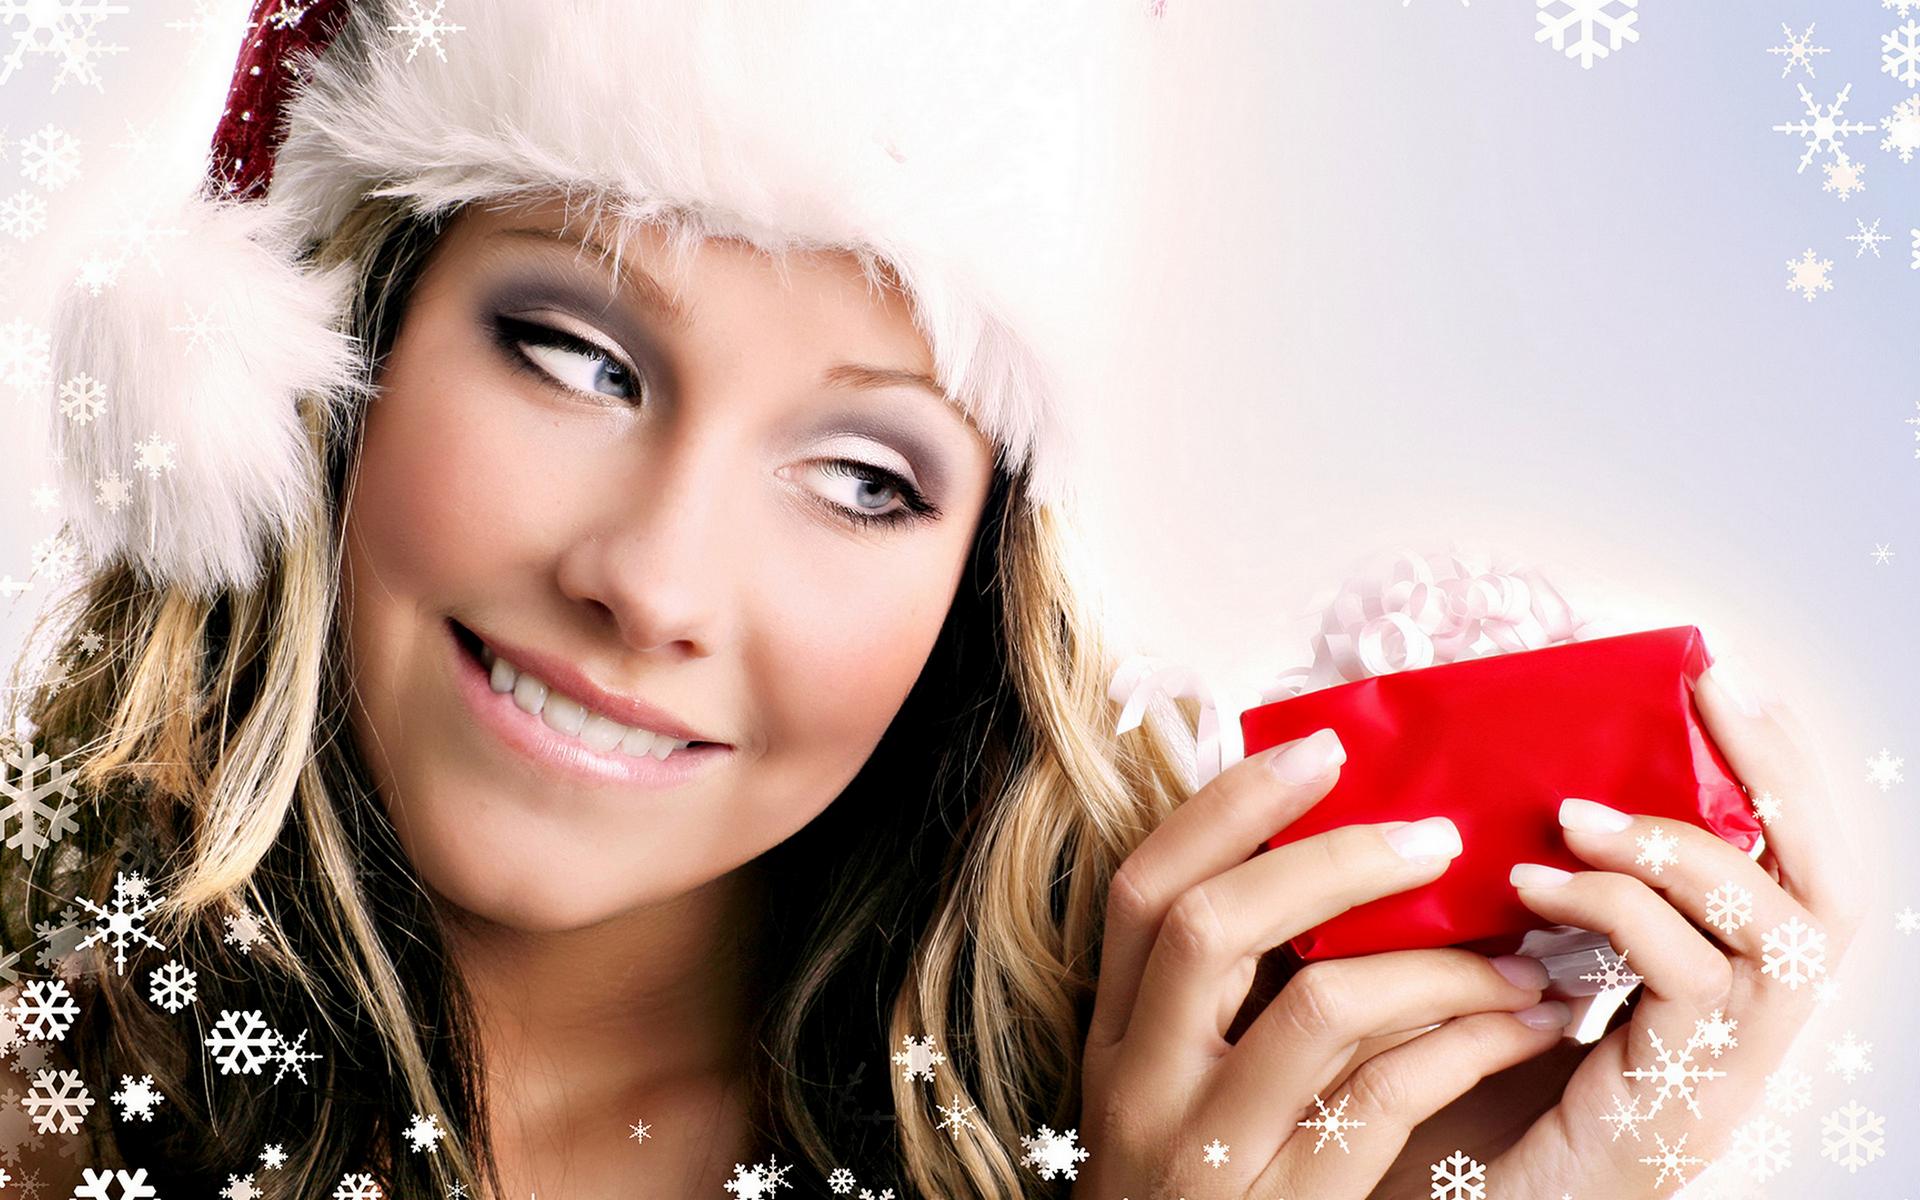 Новогодние картинки для рекламы салона красоты